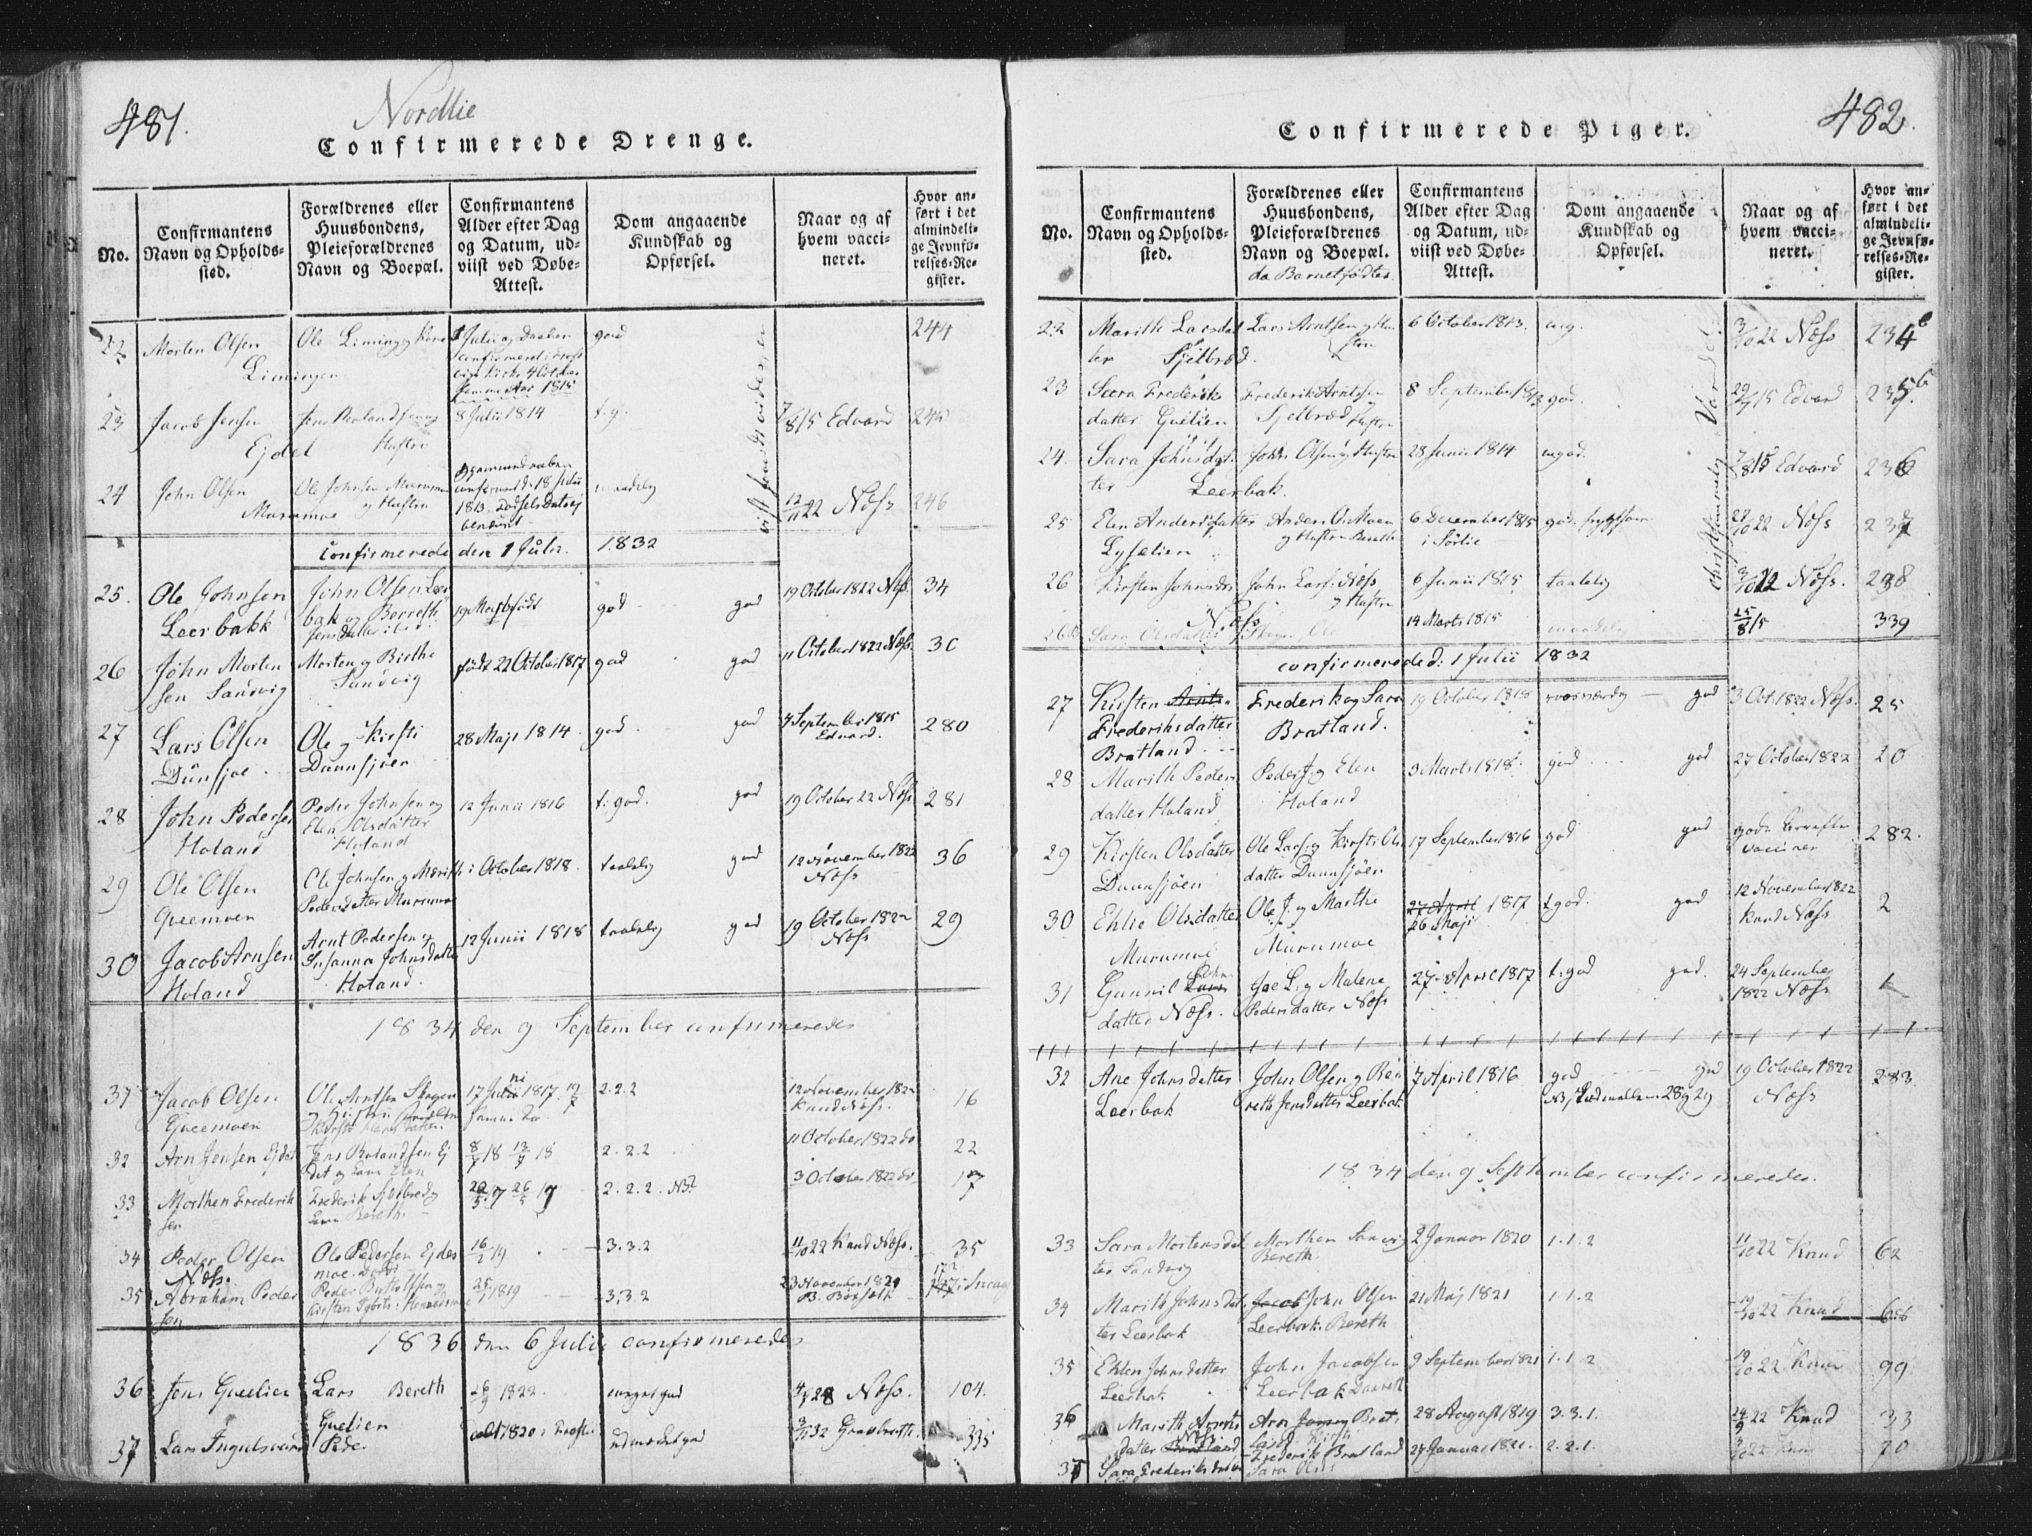 SAT, Ministerialprotokoller, klokkerbøker og fødselsregistre - Nord-Trøndelag, 755/L0491: Ministerialbok nr. 755A01 /1, 1817-1864, s. 481-482